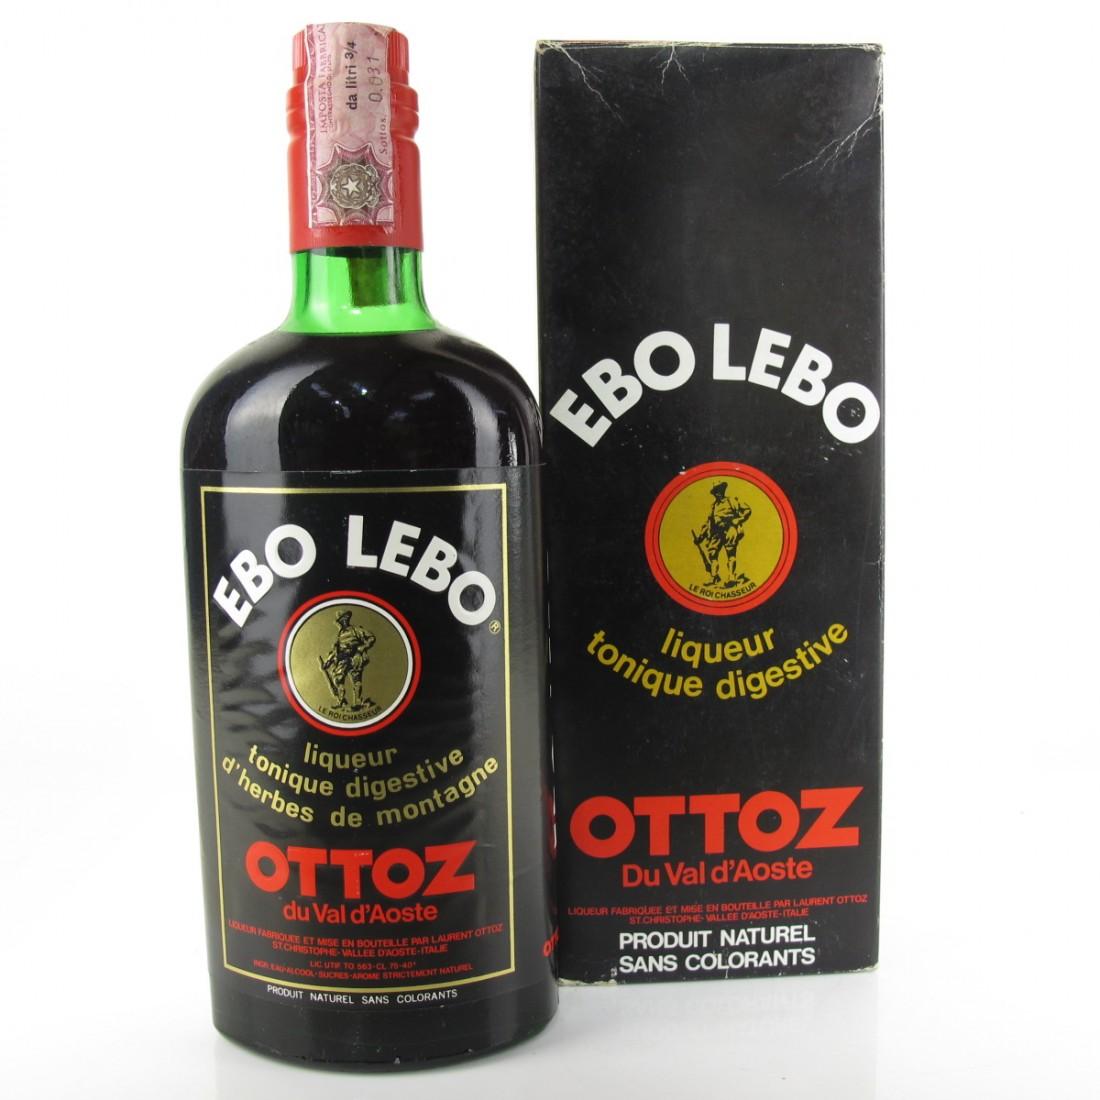 Ebo Lebo Ottoz Amaro 1970s